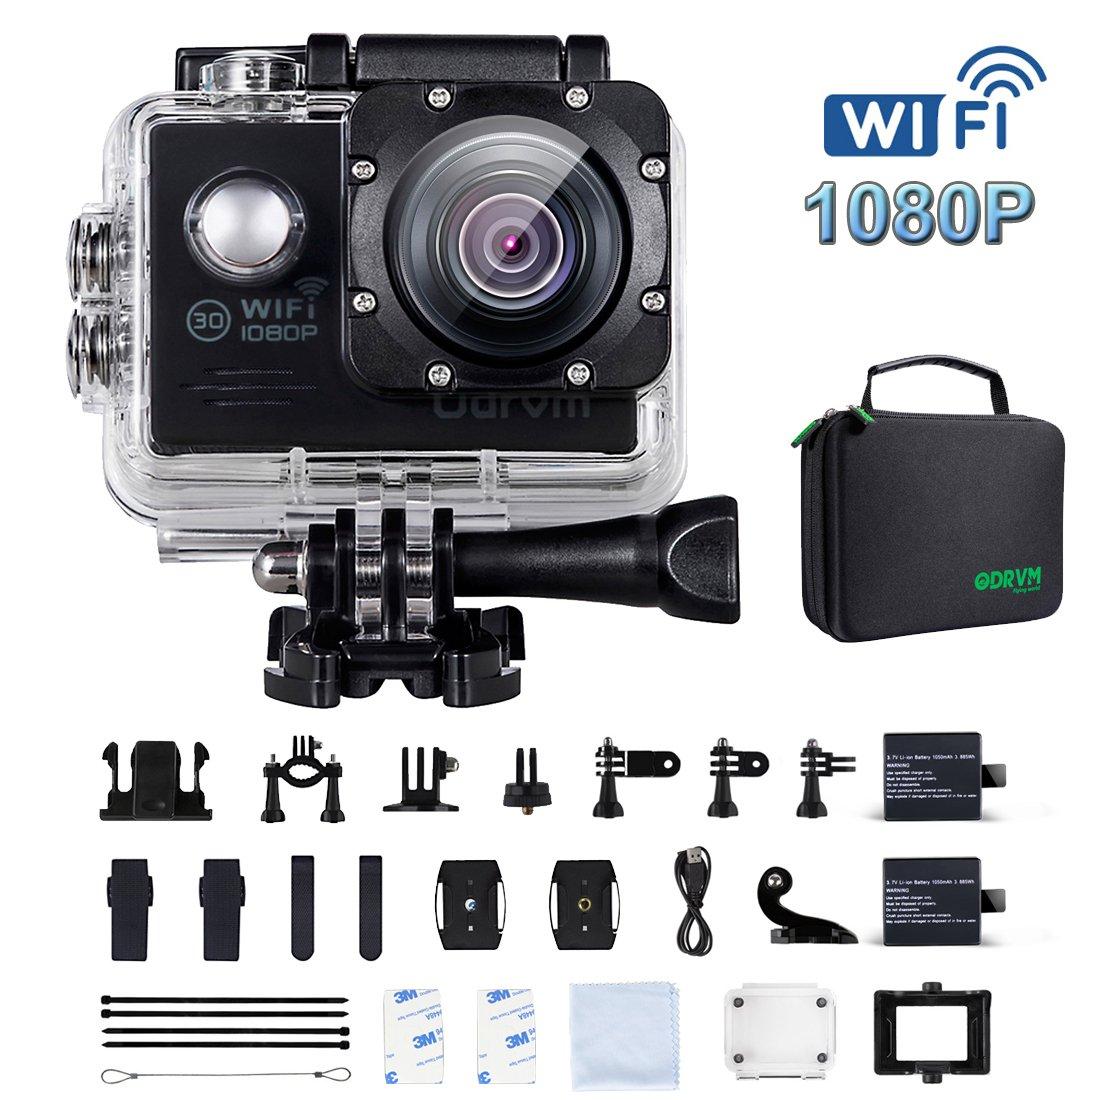 WiFi Actioncam Full HD 1080P Unterwasserkamera Digital Wasserdicht 2.0 Zoll LCD Helmkamera mit 2 Stü . Batterien, Action cam fü r Kinder, Extremsport und Outdoor-Sportaktivitä te (BLAU) ODRVM OD7200-WIFI-DE-BLUE